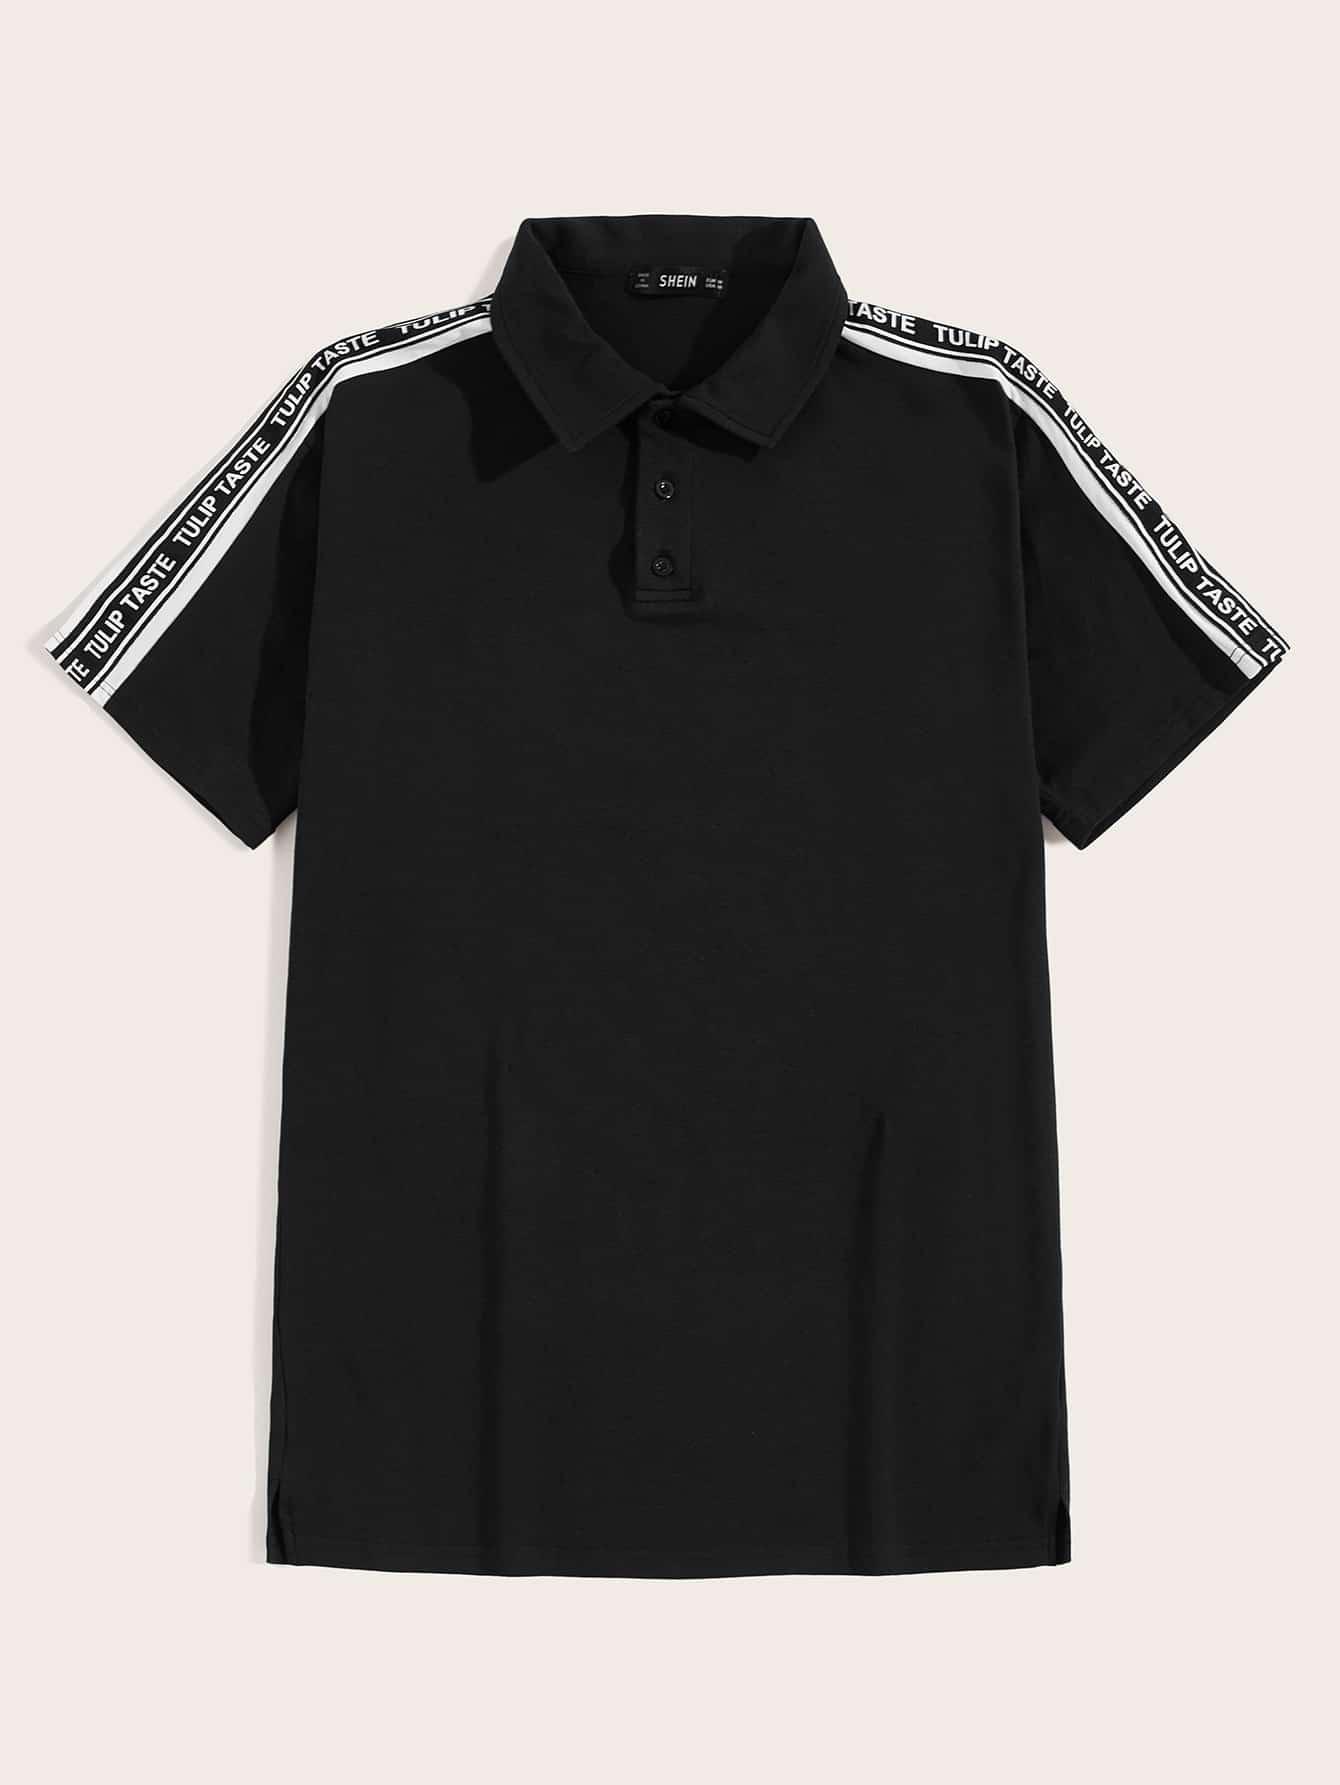 Фото - Мужская рубашка-поло с текстовой лентой от SheIn черного цвета